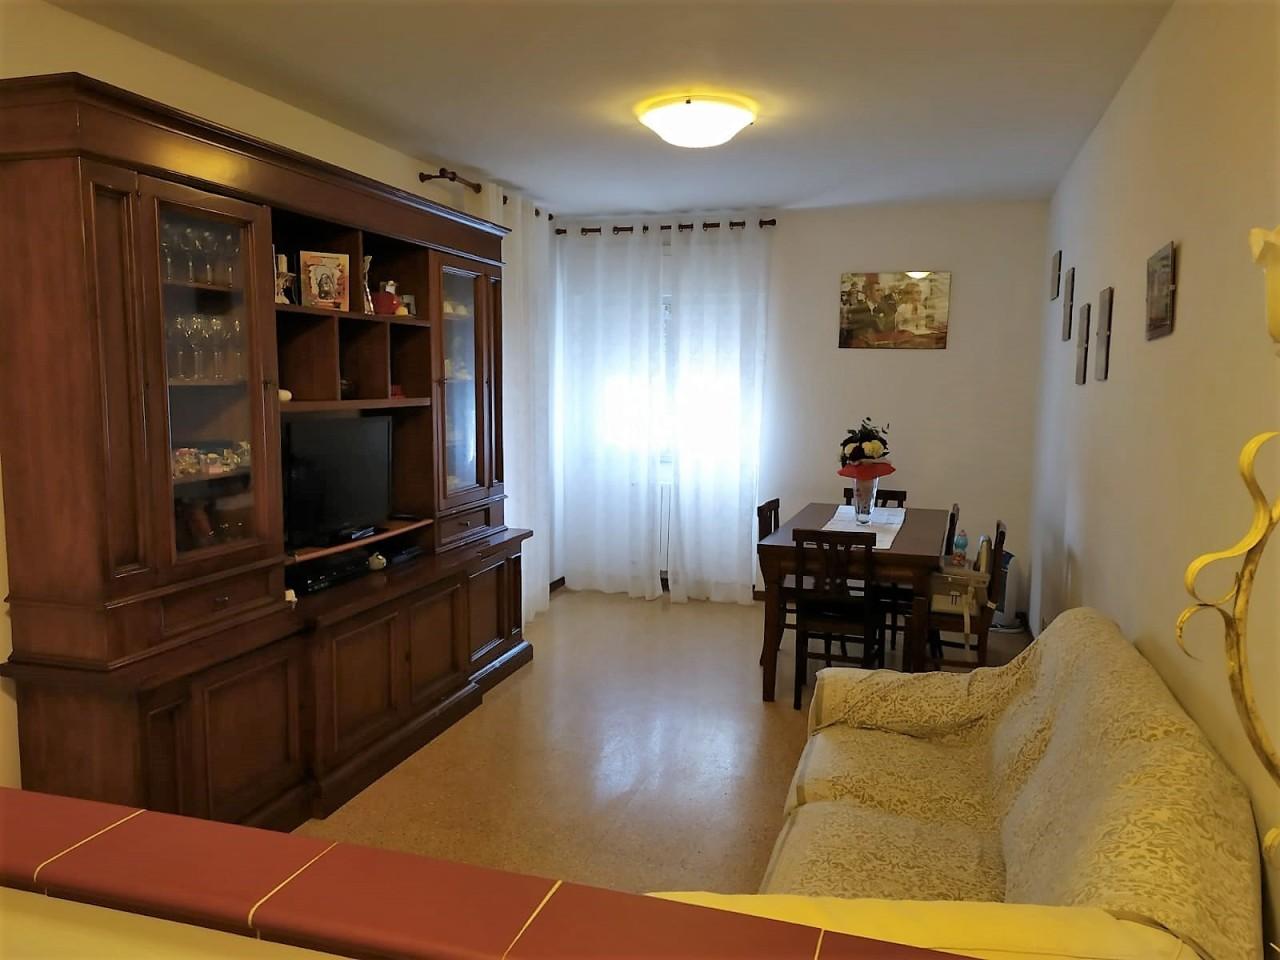 Appartamento in vendita a Fosdinovo, 5 locali, prezzo € 185.000 | PortaleAgenzieImmobiliari.it